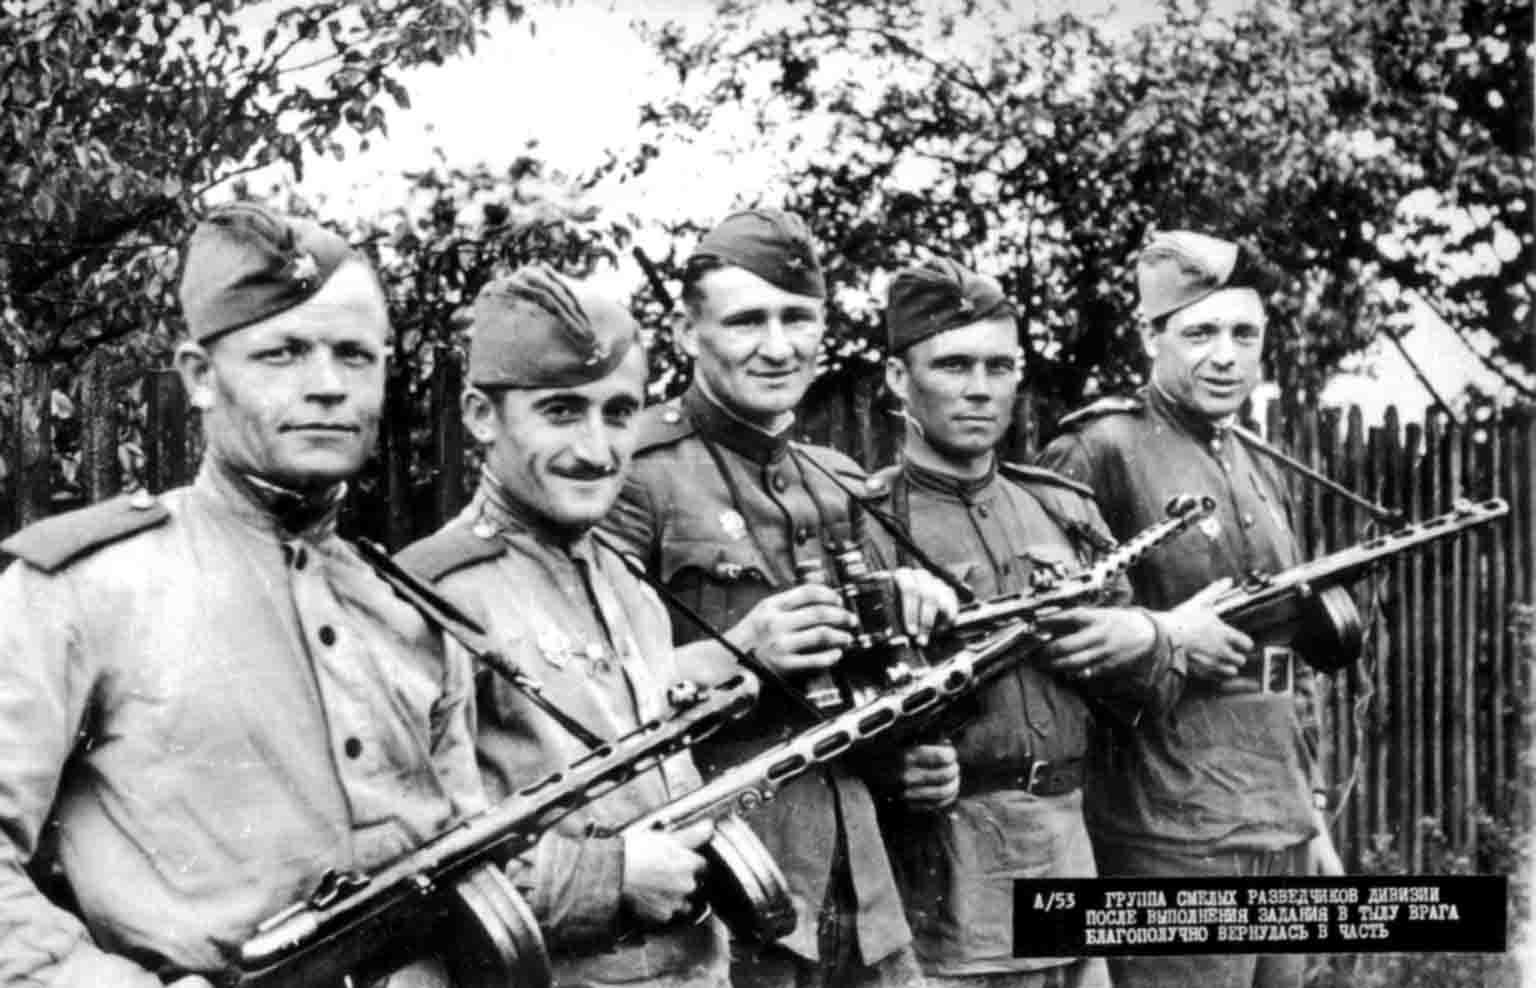 World War II: Scouts